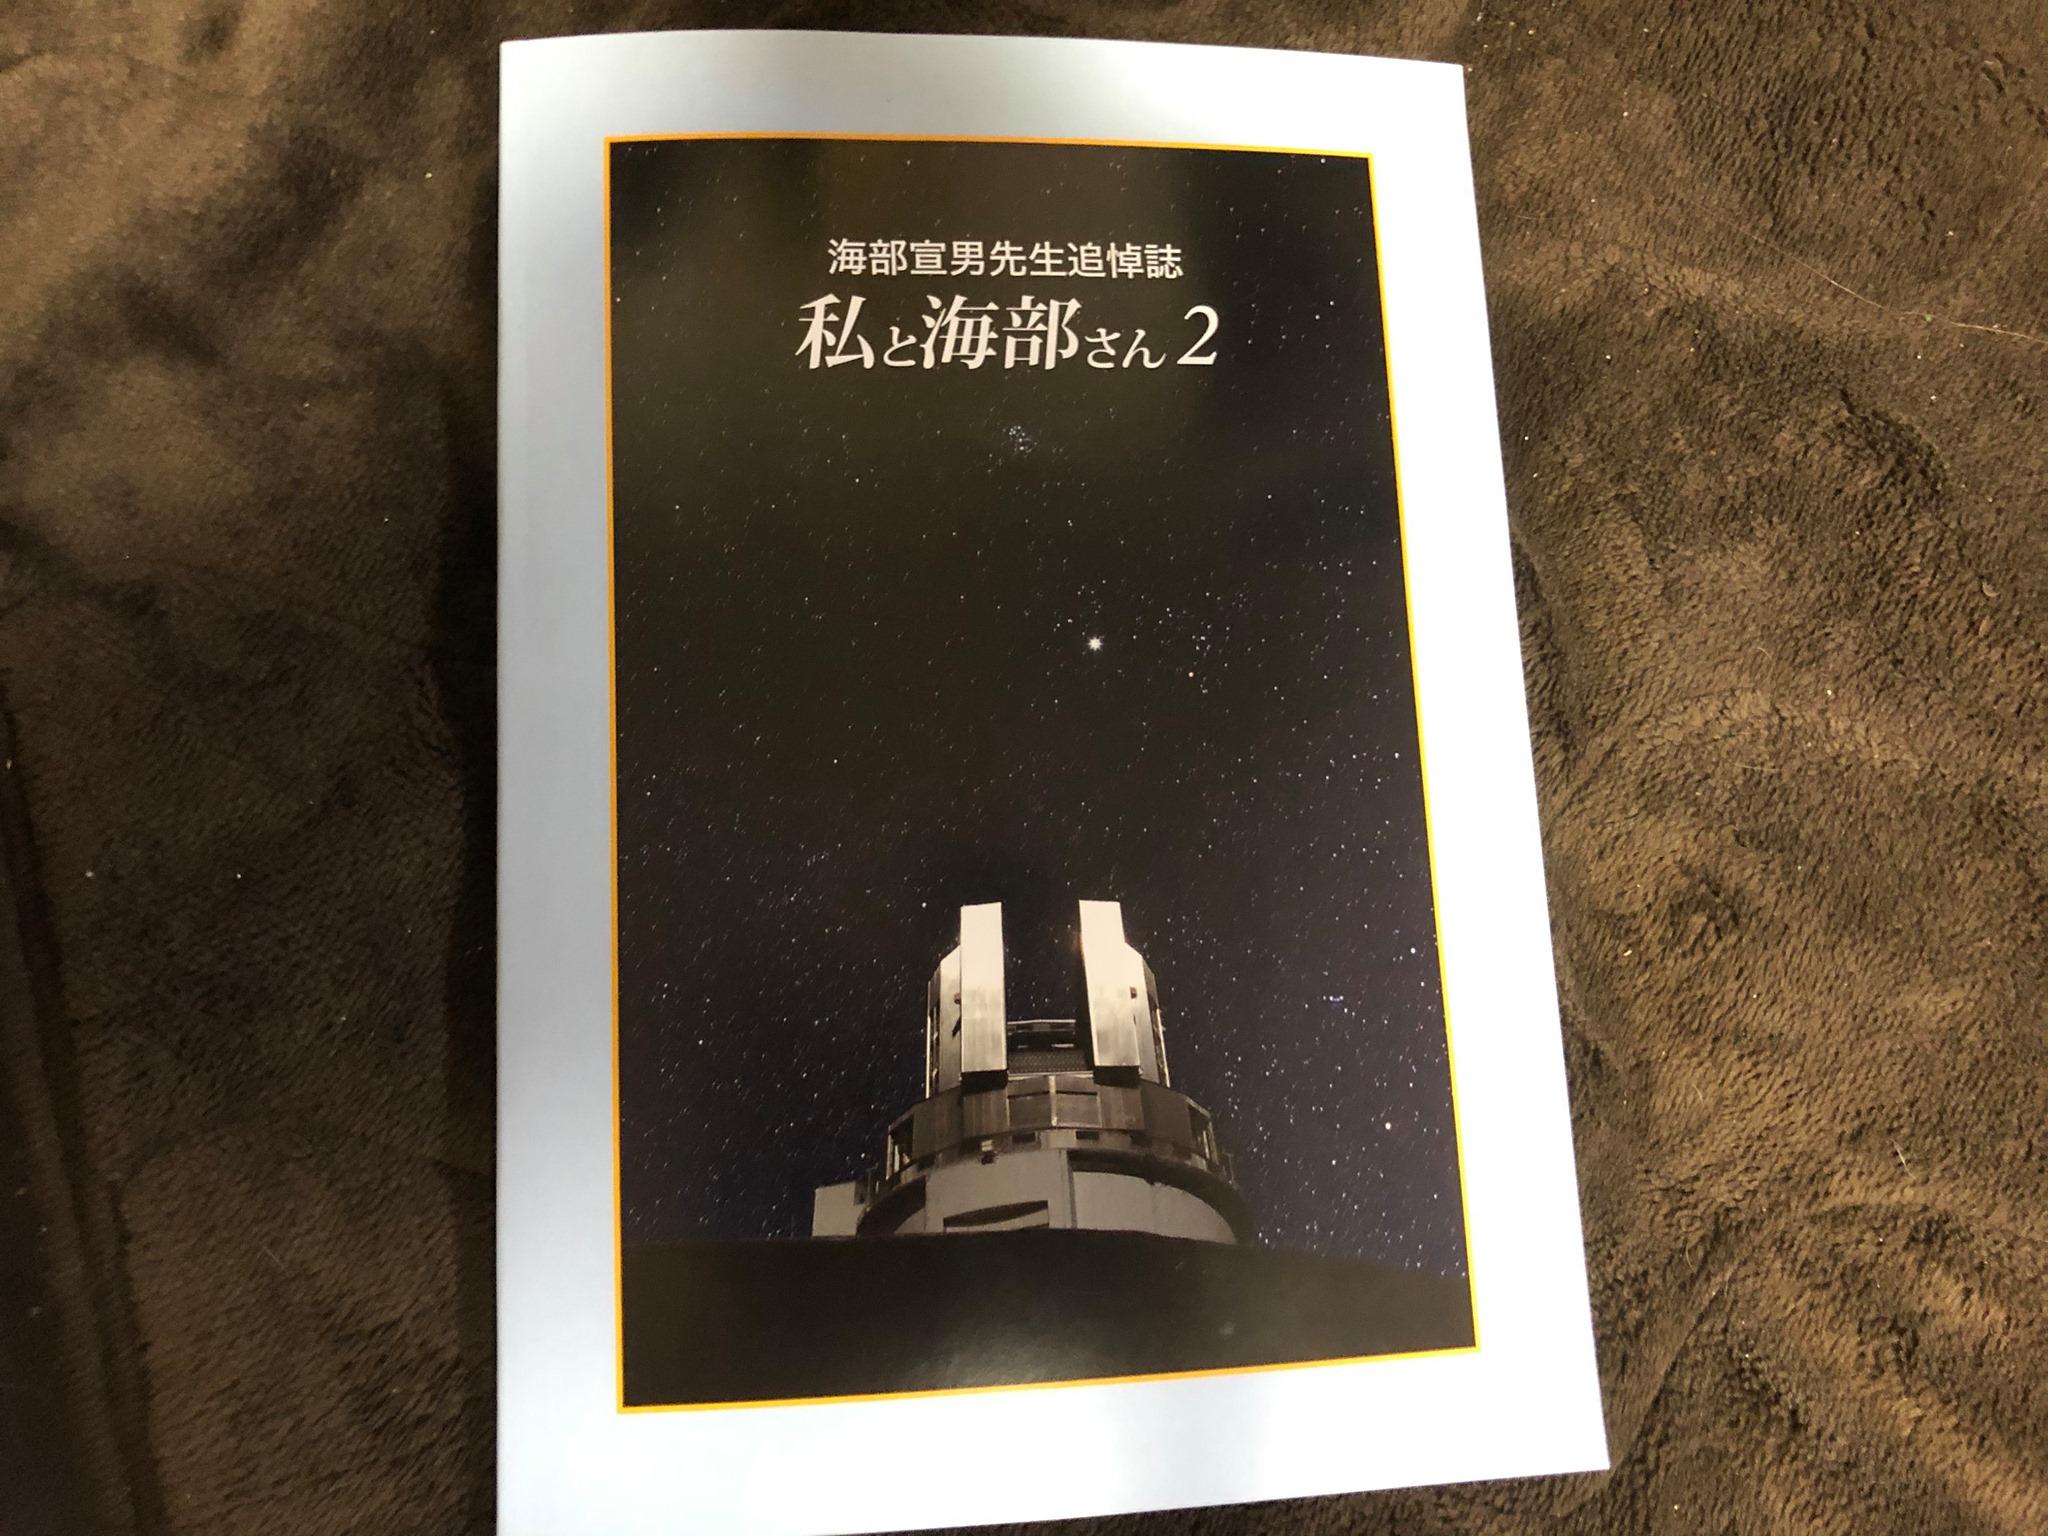 国立天文台第3代台長海部宣男先生の追悼誌『私と海部さん2』が刊行されました。